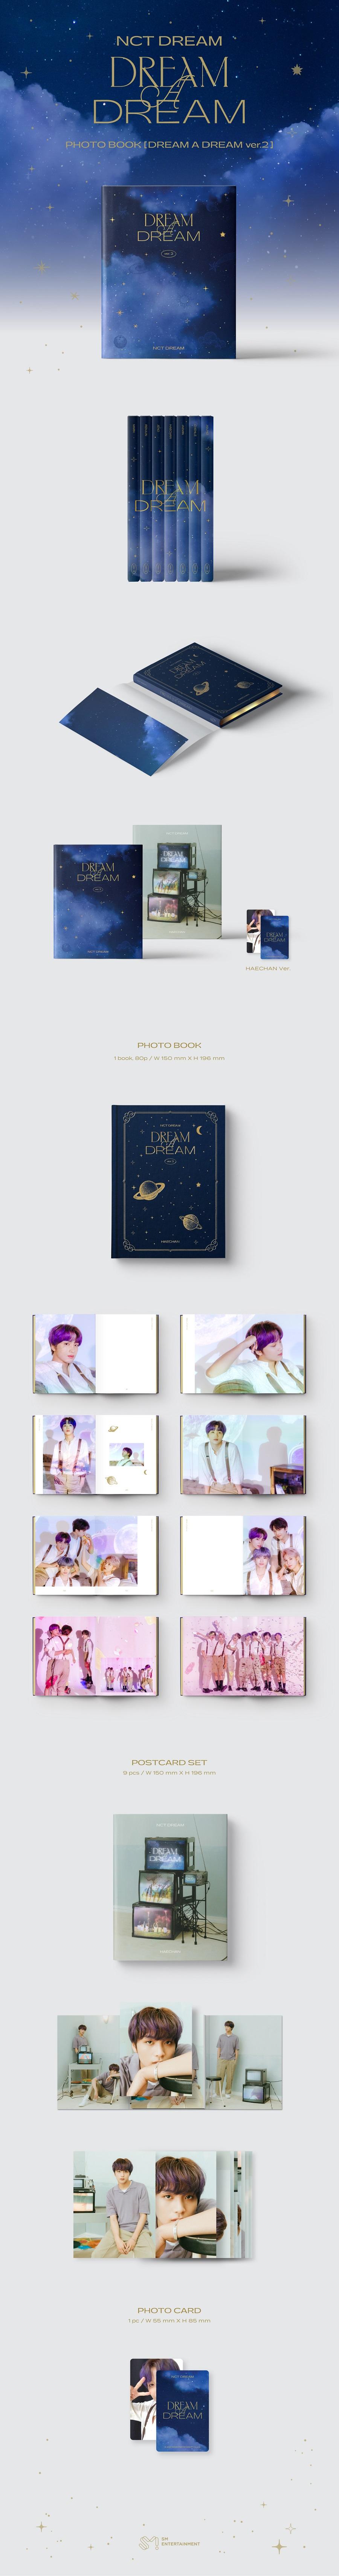 NCT DREAM - DREAM A DREAM Photobook Ver.2 [해찬 Ver.]